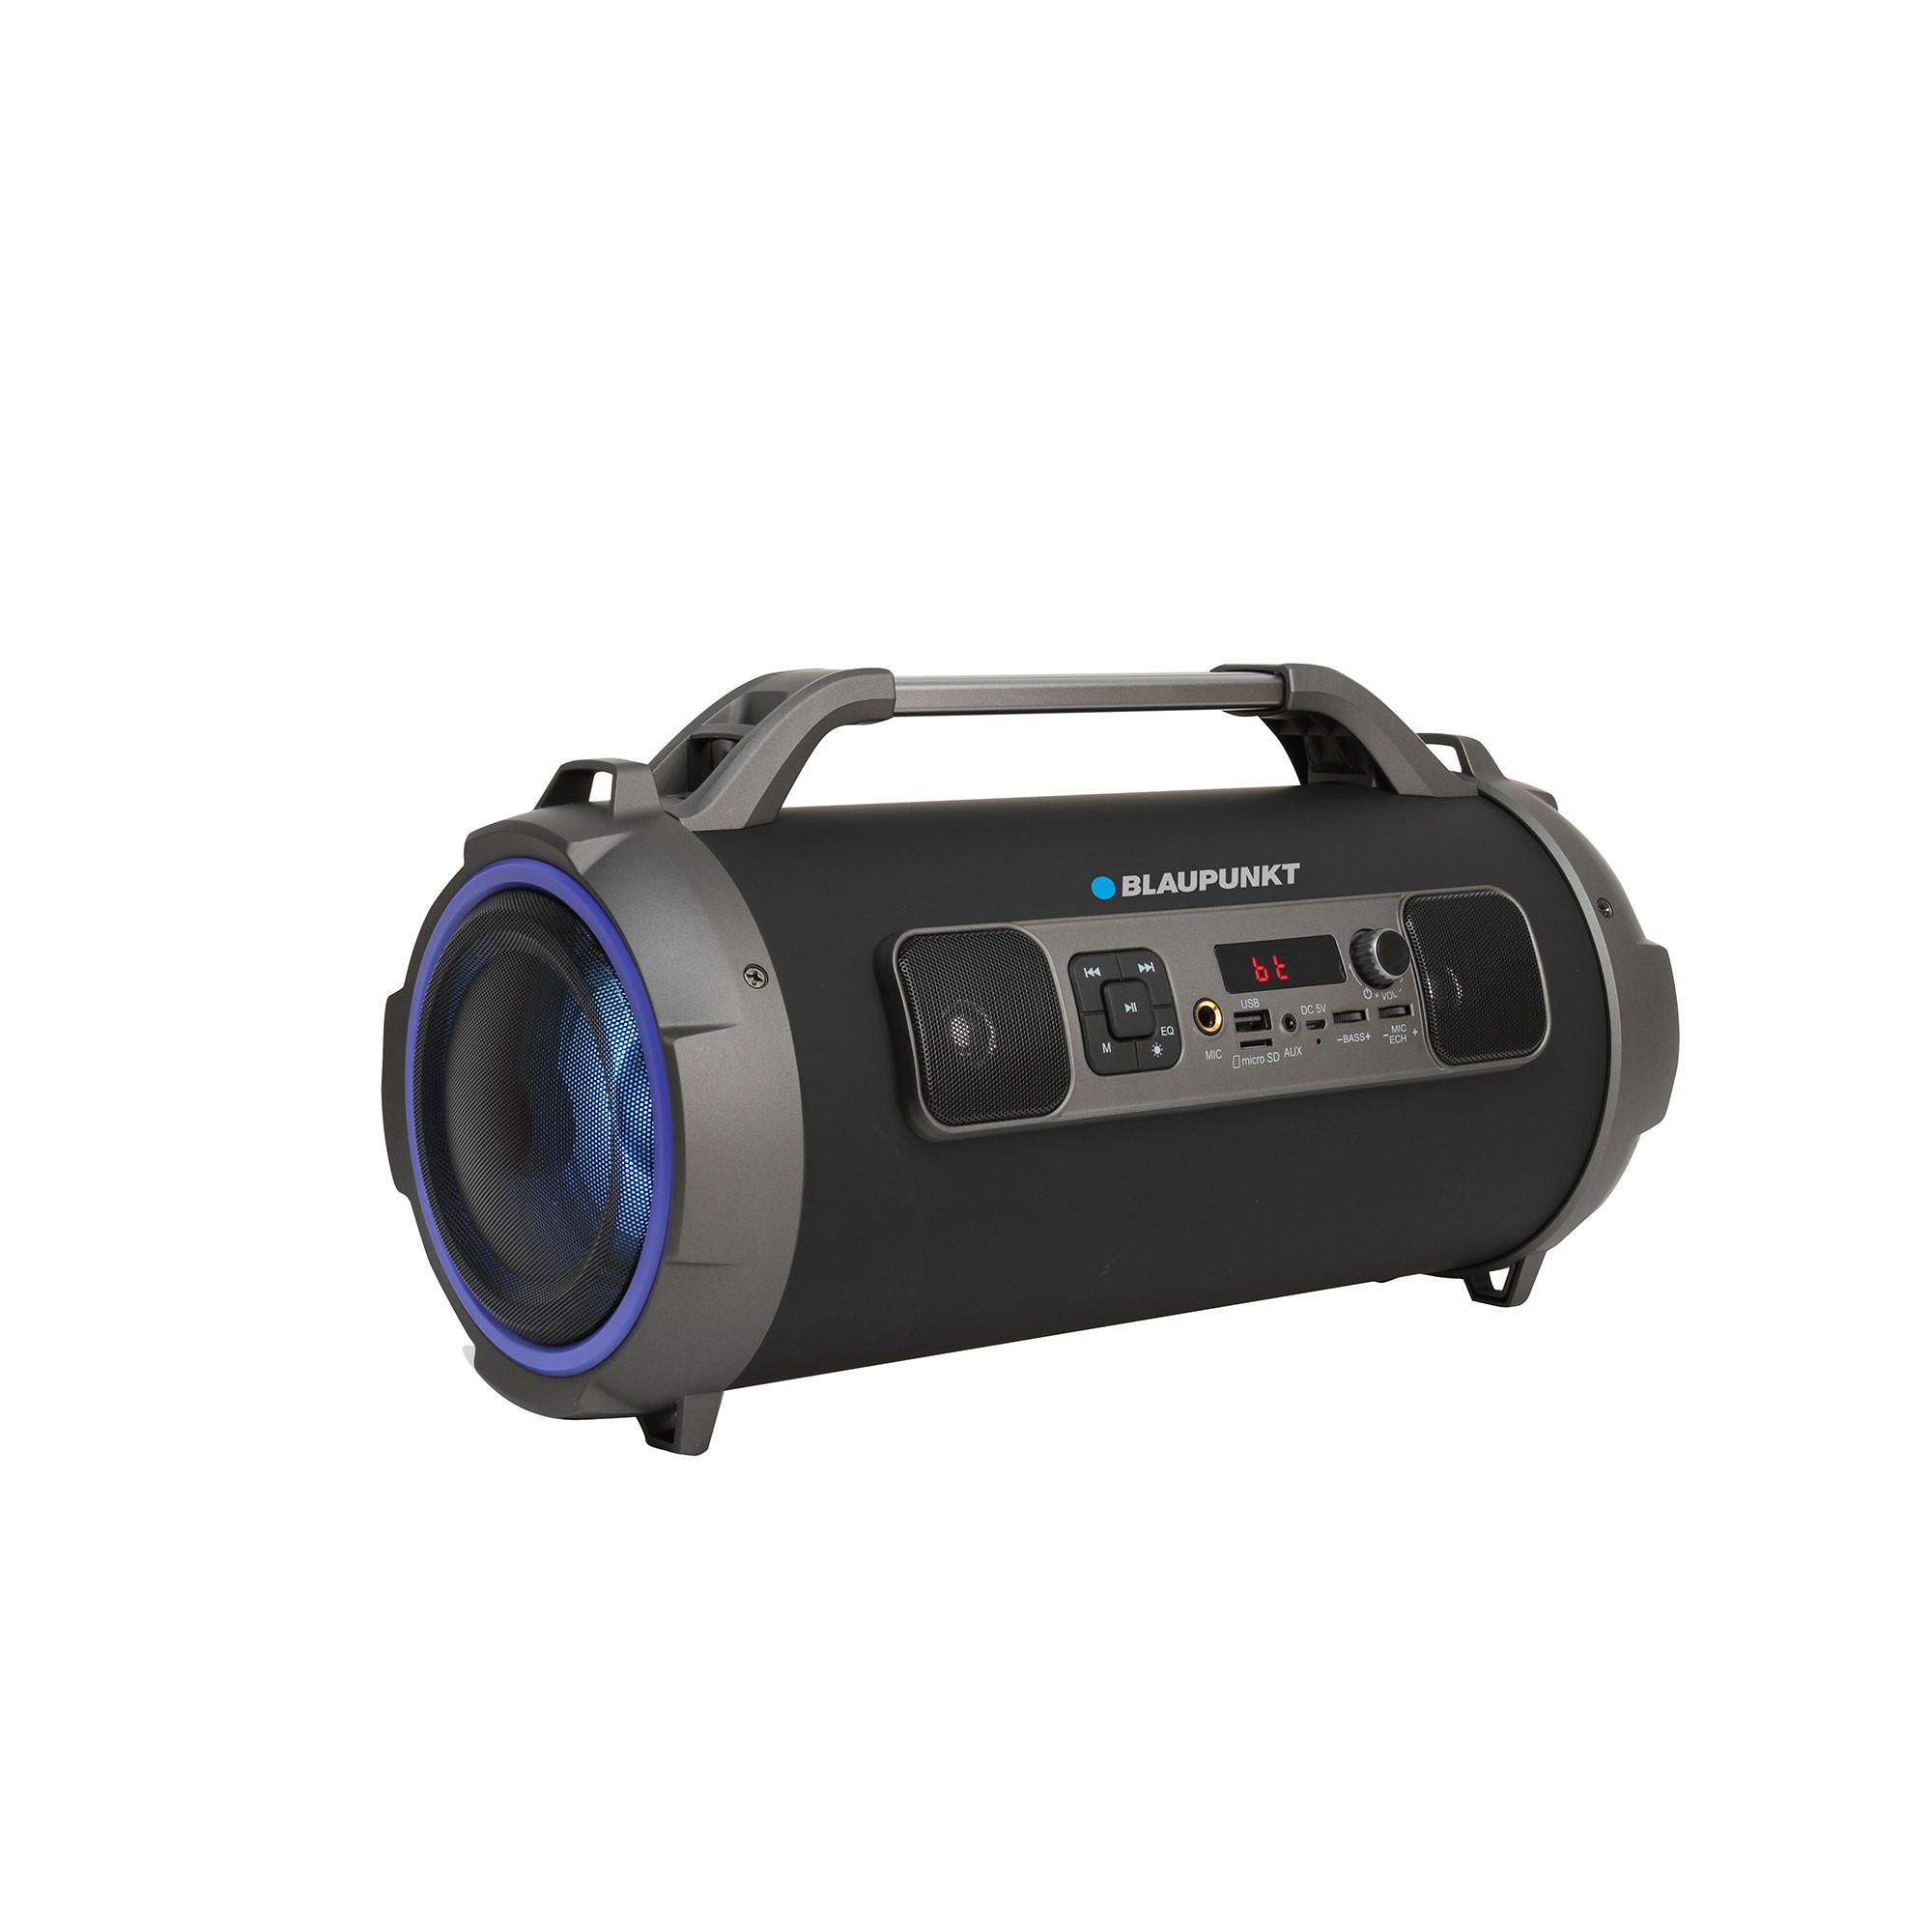 Blaupunkt BLP3970 Altavoz Bluetooth, Portátil, Iluminación LED, Potencia Sonido 20W, Subwoofer, Alcance 10m, USB, Micro-SD, Inalámbrico, Batería Recargable